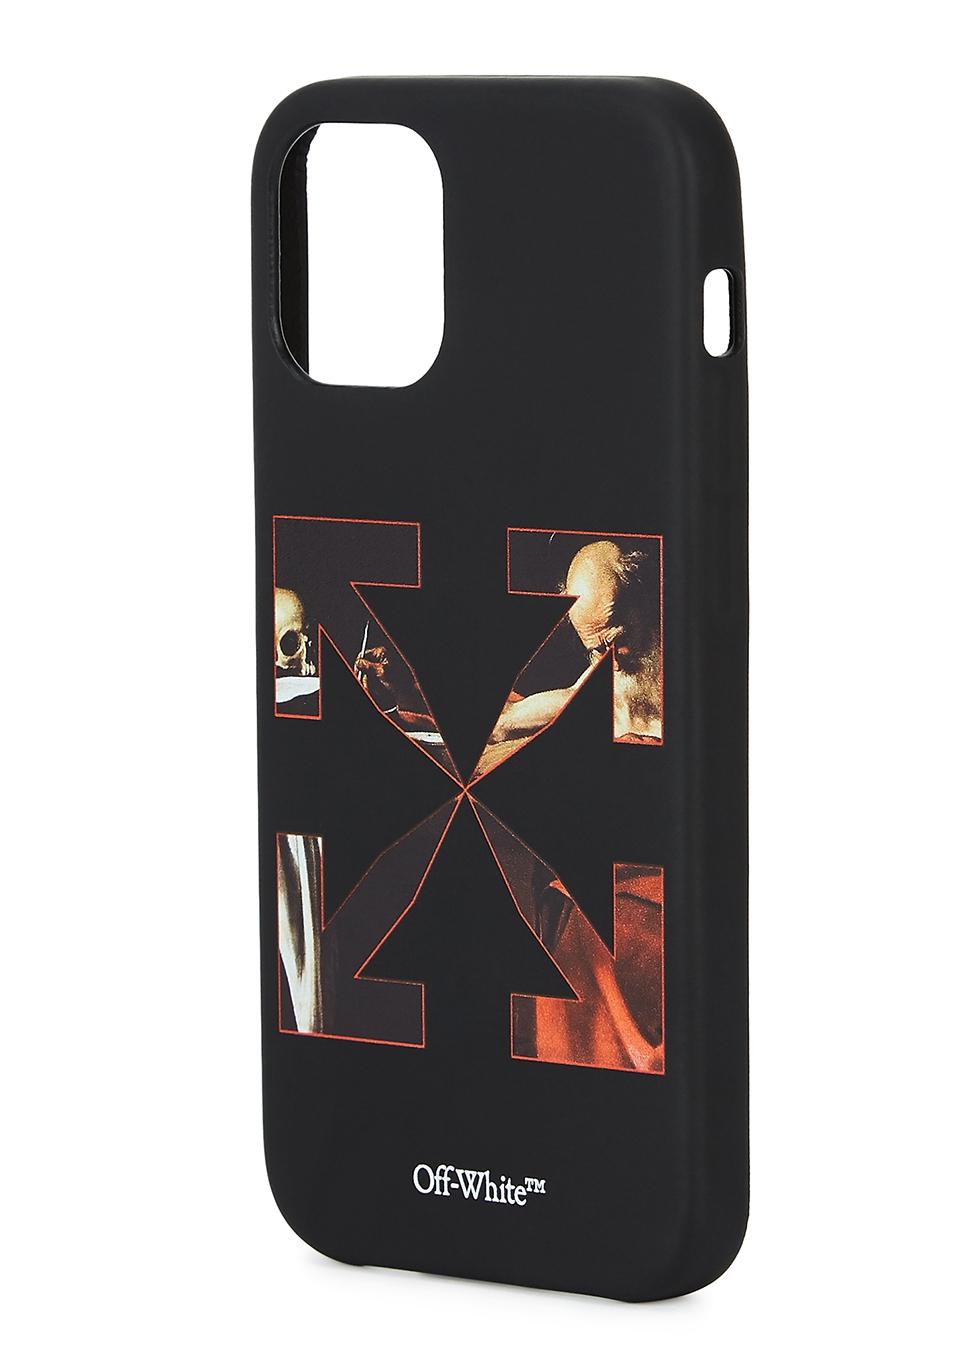 Caravaggio printed iPhone 12 Mini case